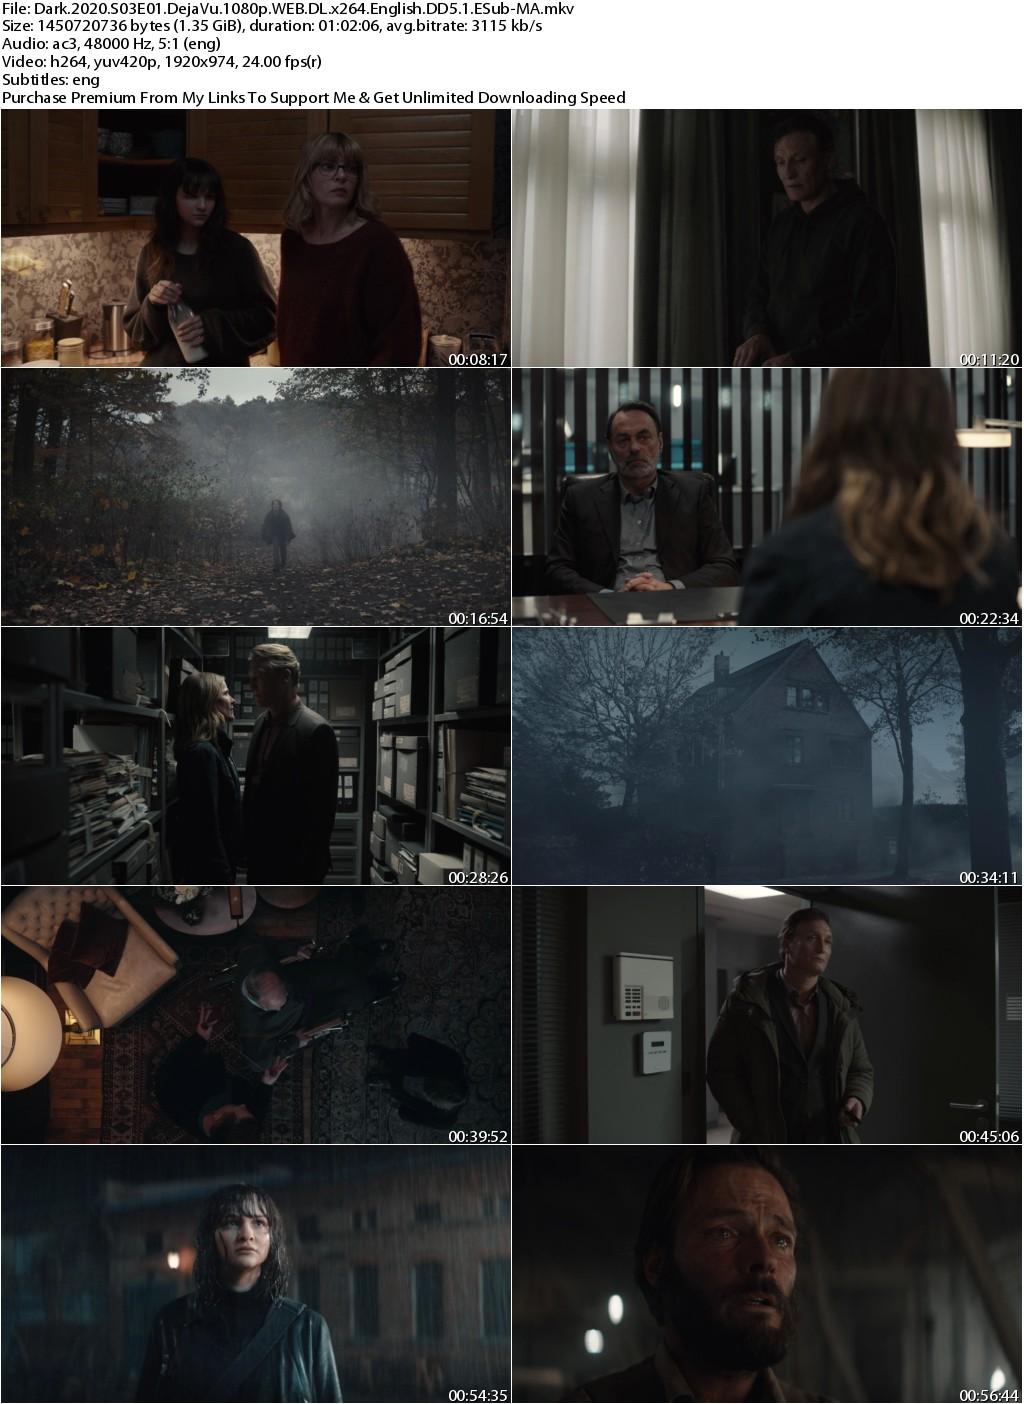 Dark 2020 Season 03 Complete 1080p WEB-DL x264 English DD5.1 ESub 10.96GB-MA